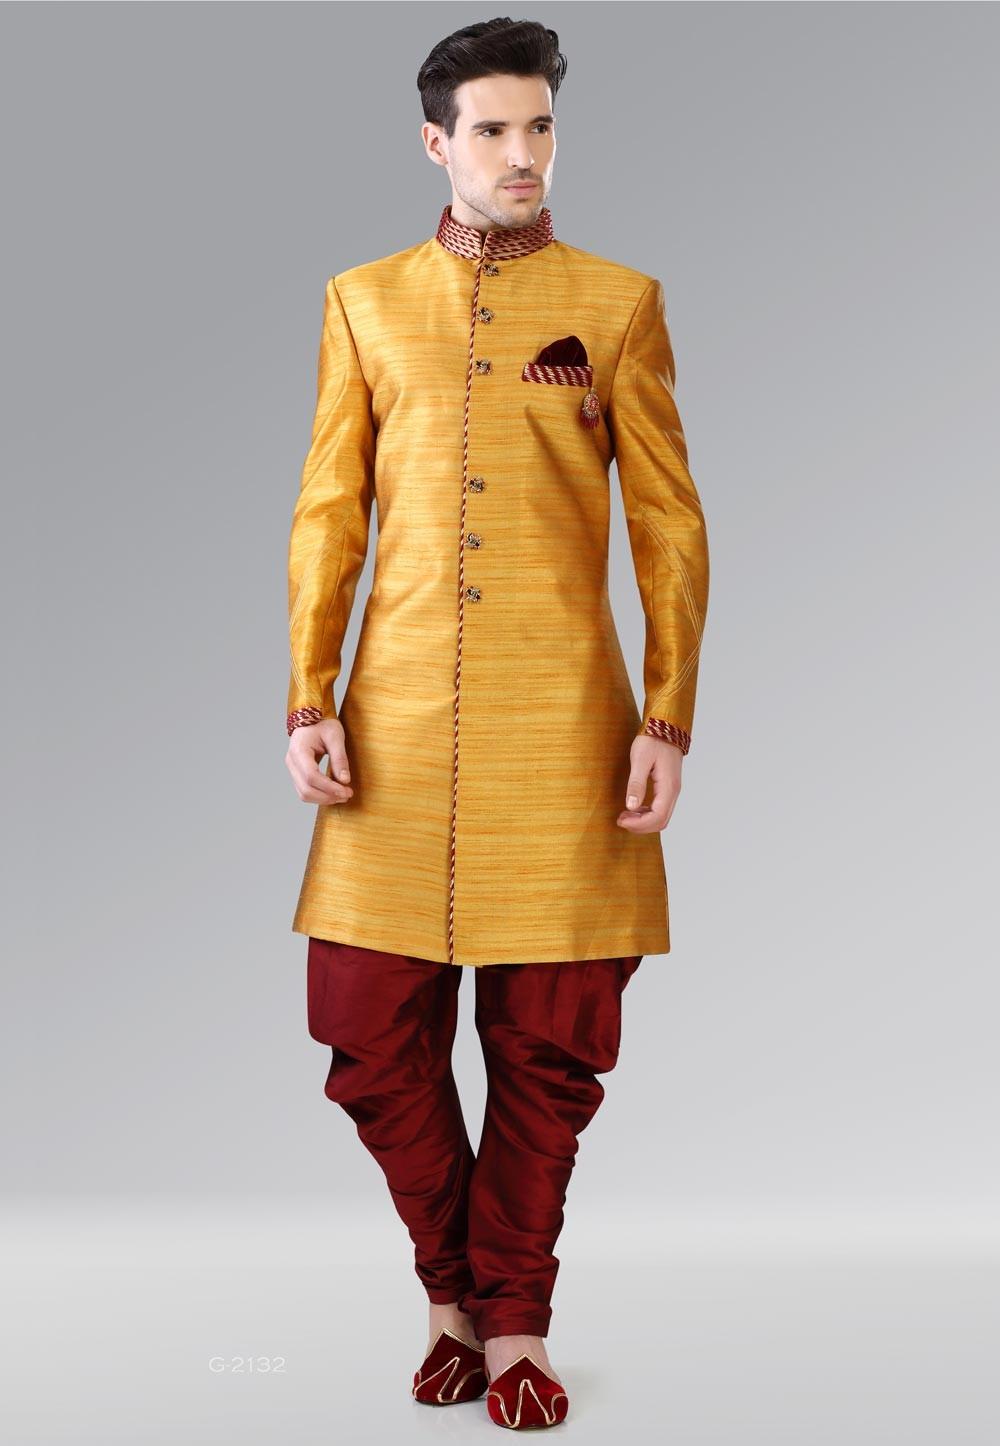 Attractive Yellow Color Banarasi Silk Men's Indo Western